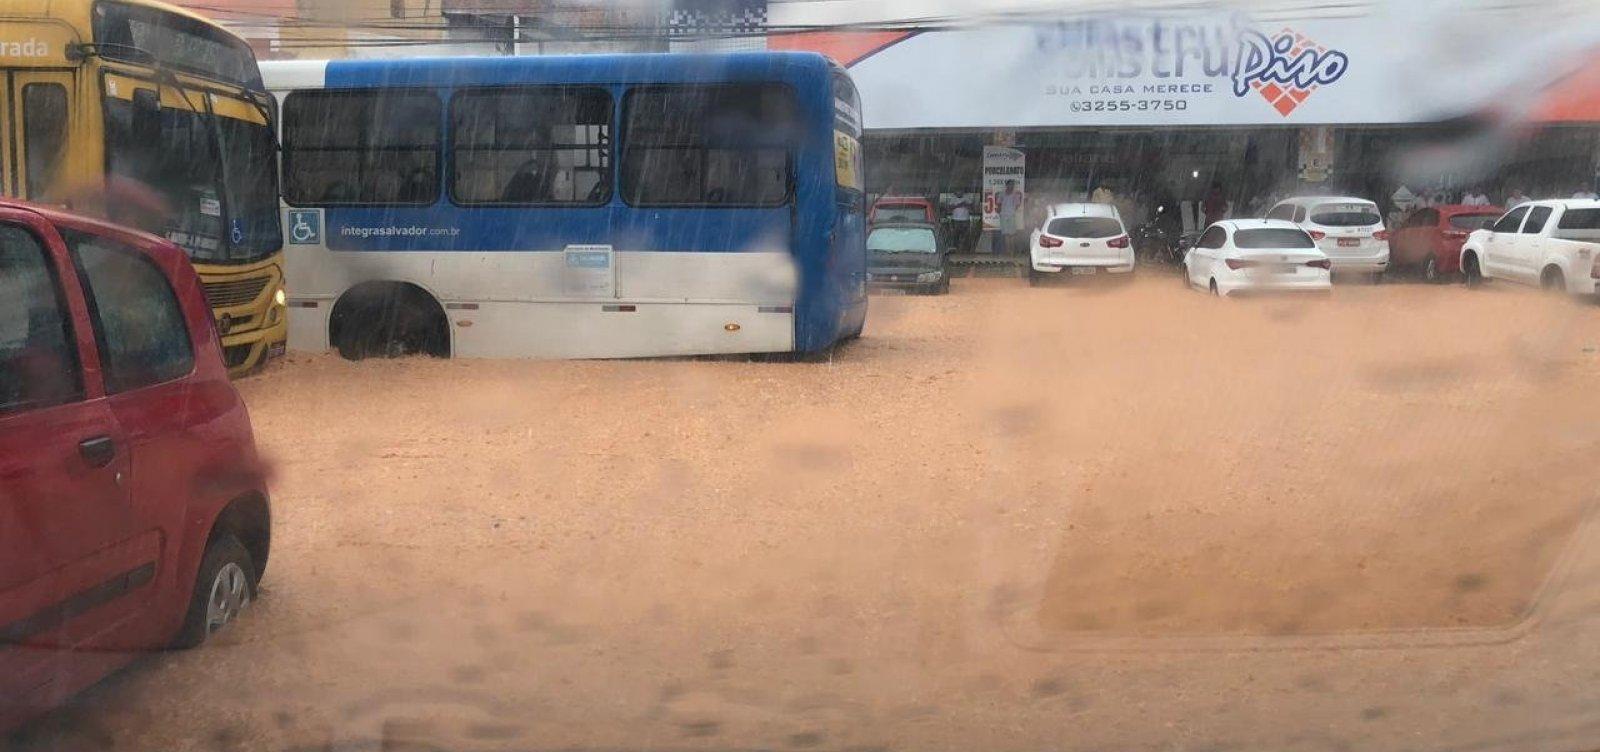 [Chuva alaga avenidas e provoca transtornos em Salvador; veja]